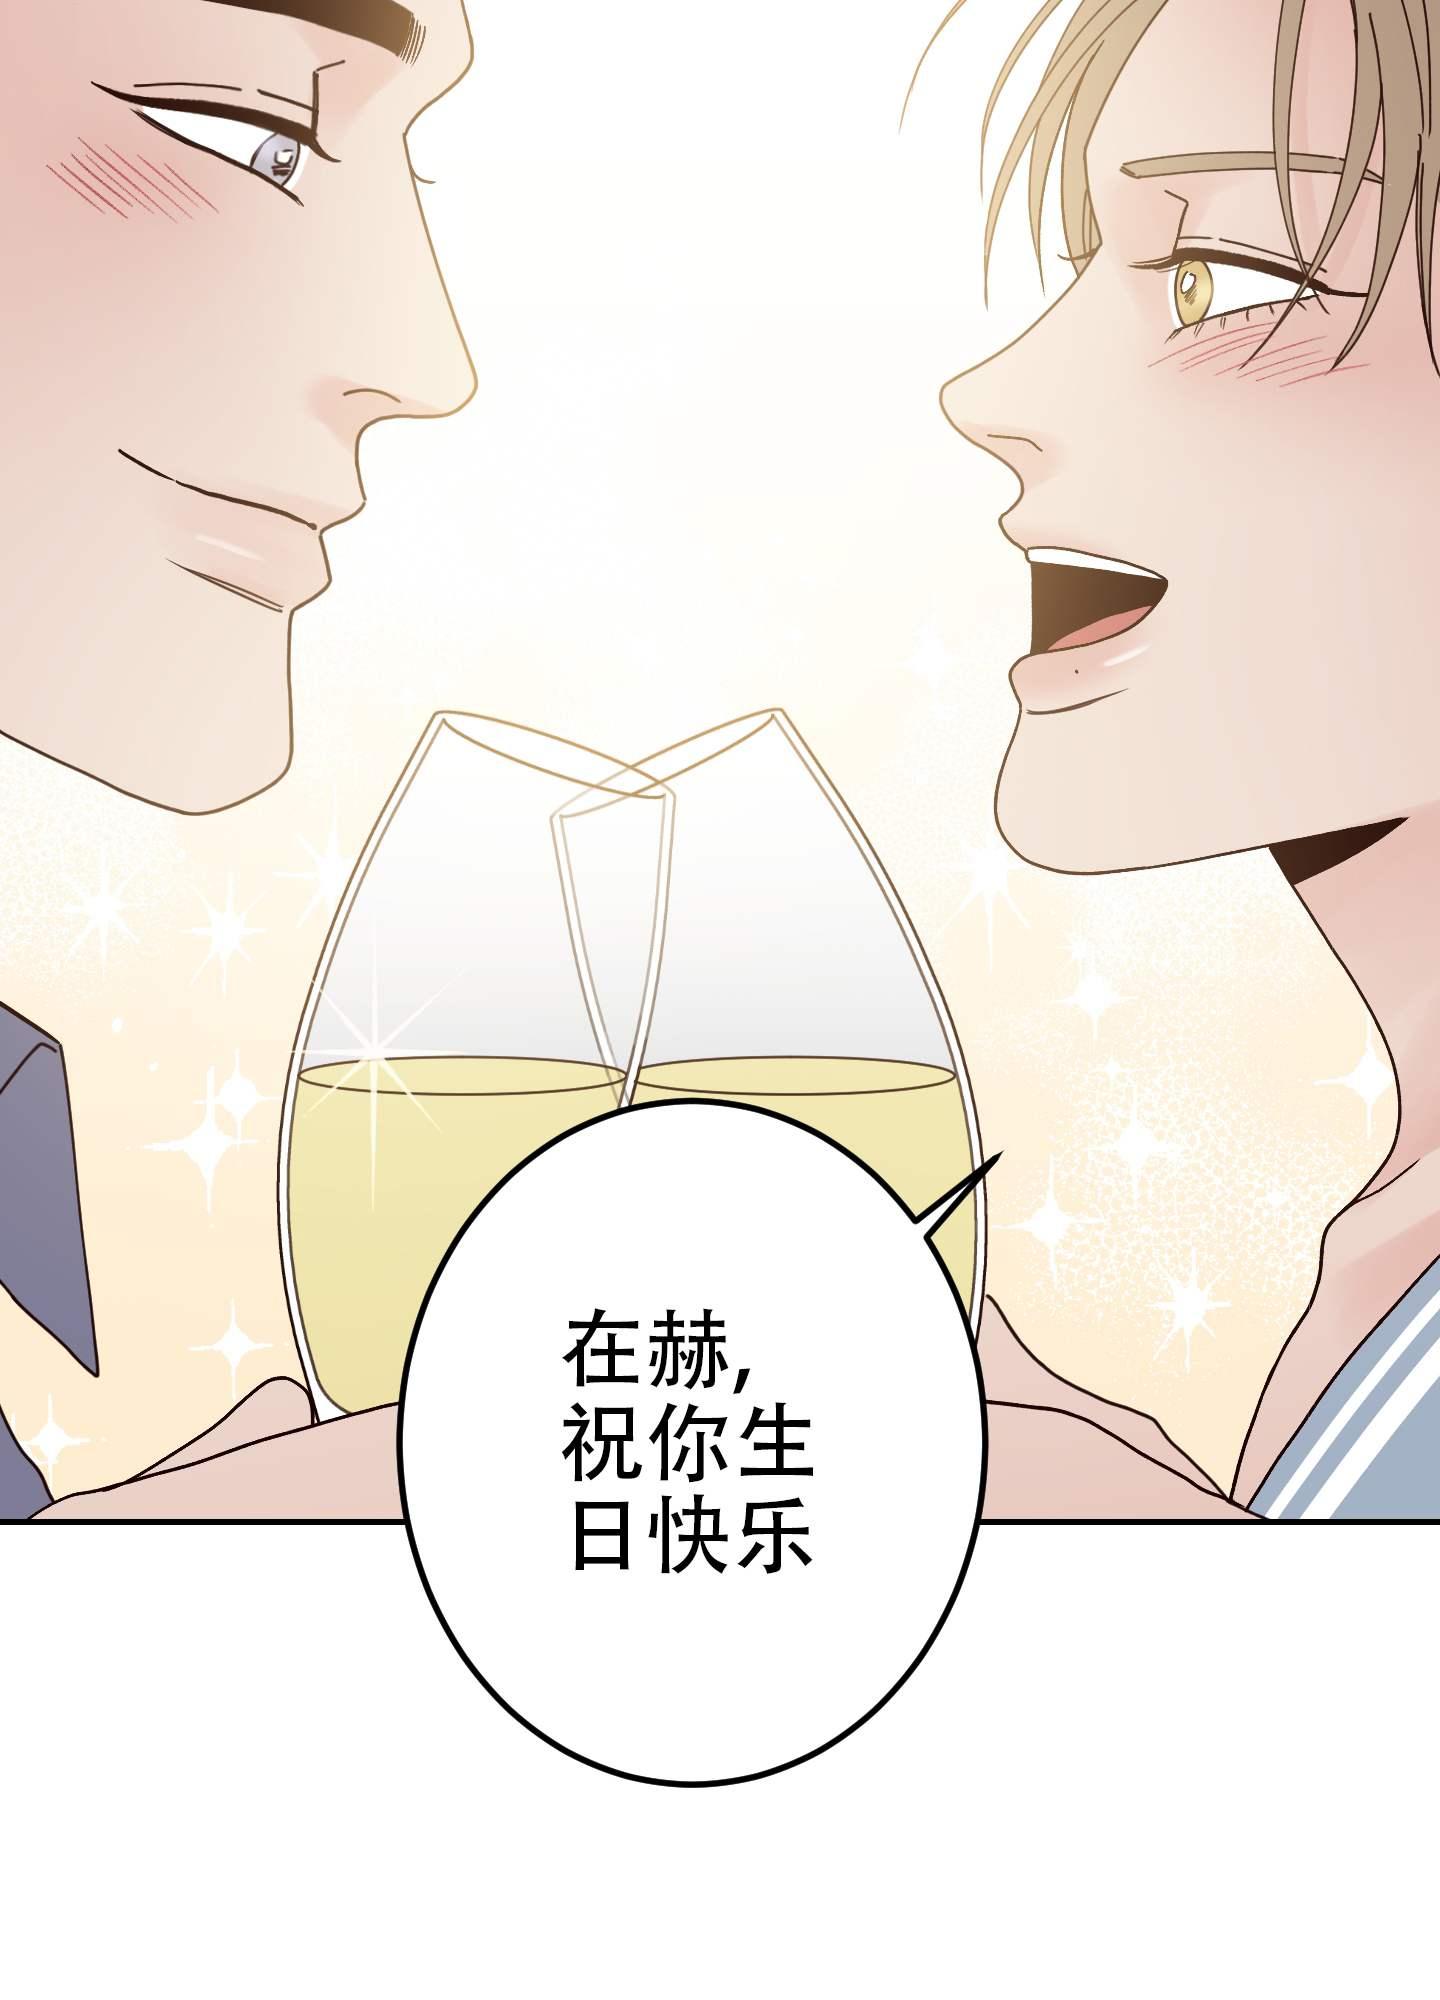 """韩漫《错位》""""好冤枉啊,所以我们也来搞外遇吧?""""  第4张"""